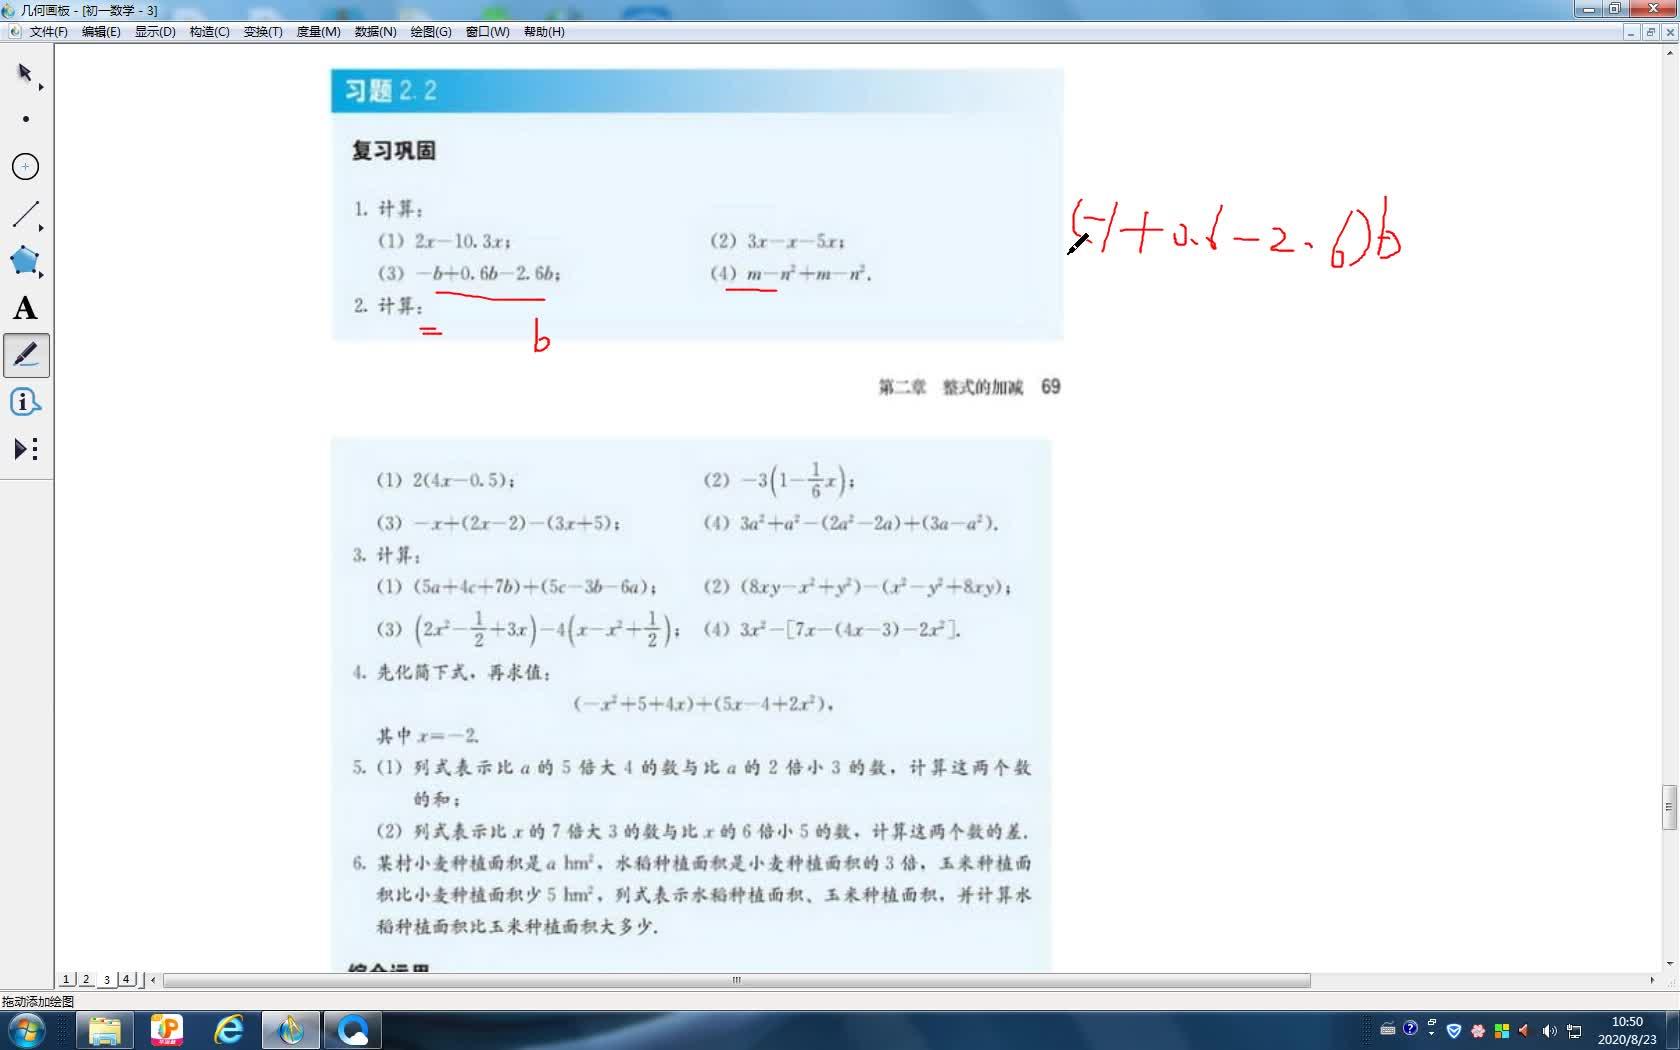 初二数学 习题2.2讲解[来自e网通极速客户端]人教版七年级上册   2.2 整式的加减 习题 视频讲解人教版七年级上册   2.2 整式的加减 习题 视频讲解